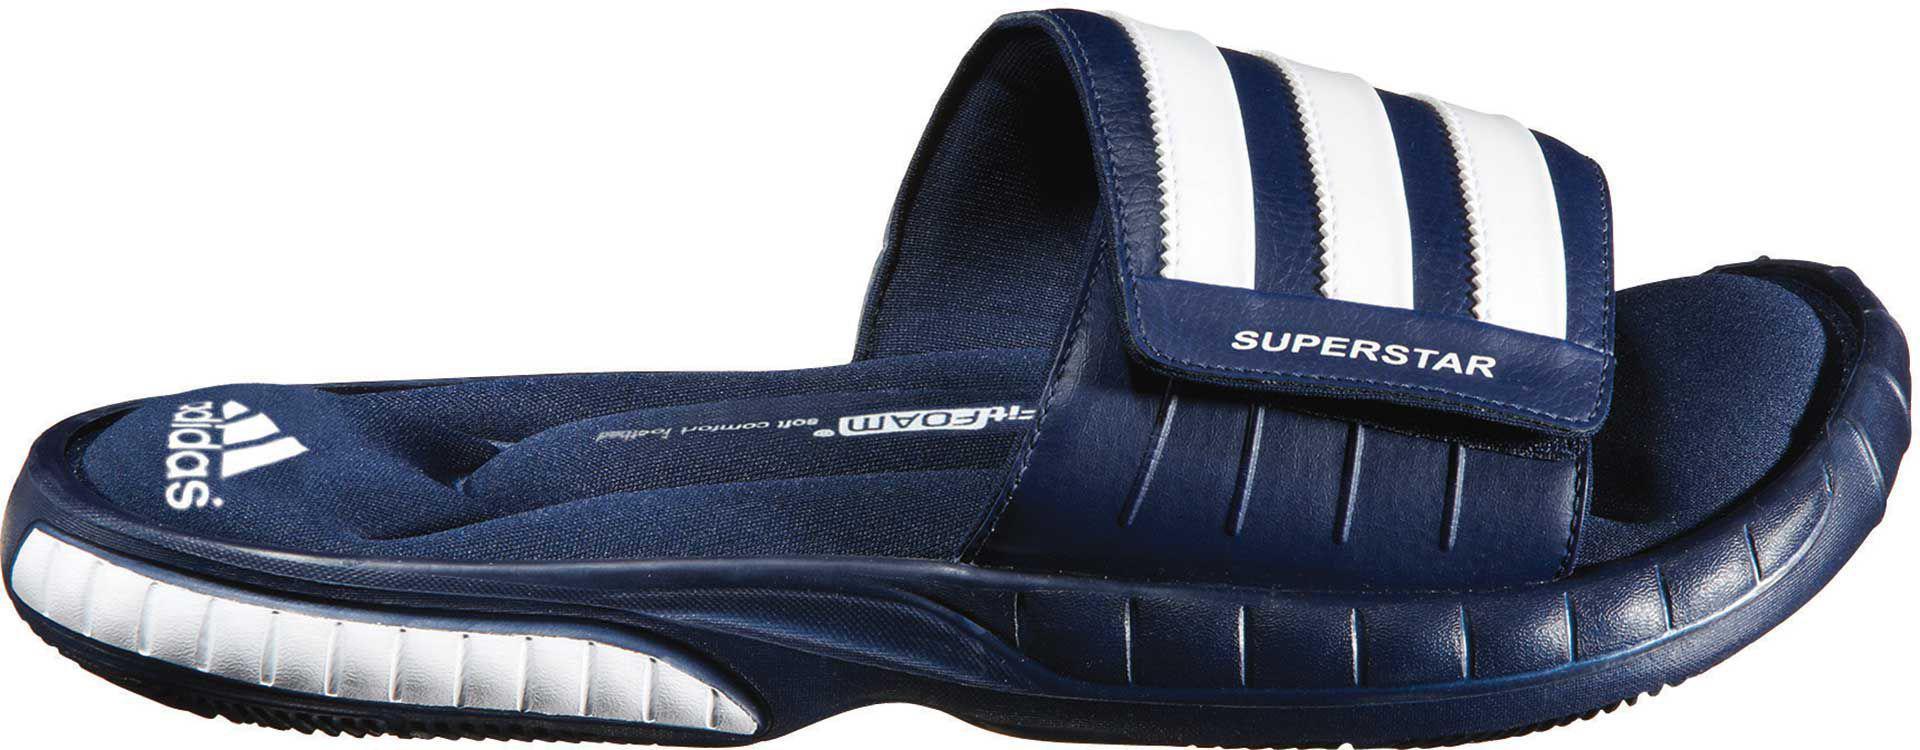 eecf4ef92486 Lyst - adidas Superstar 3g Slides in Blue for Men